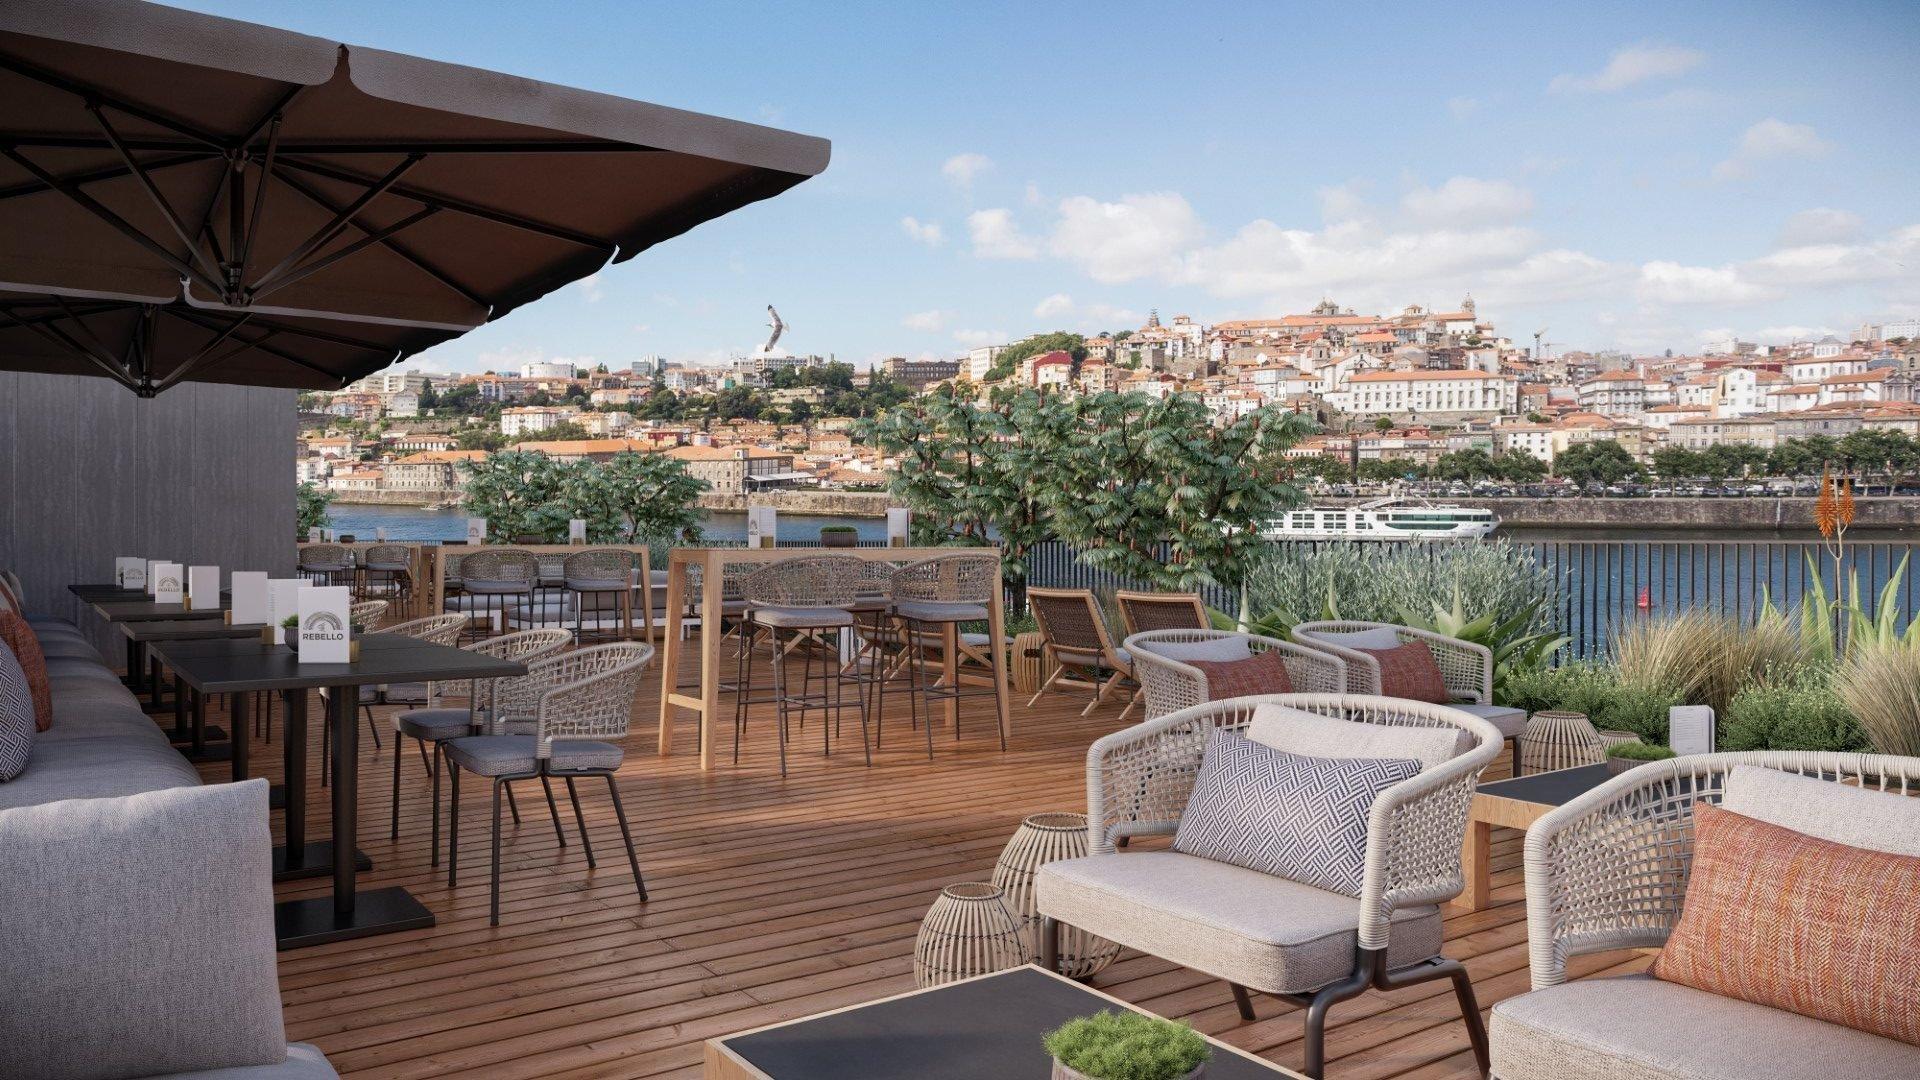 3 Bedroom Apartment Vila Nova de Gaia, Porto Ref: ASA223B